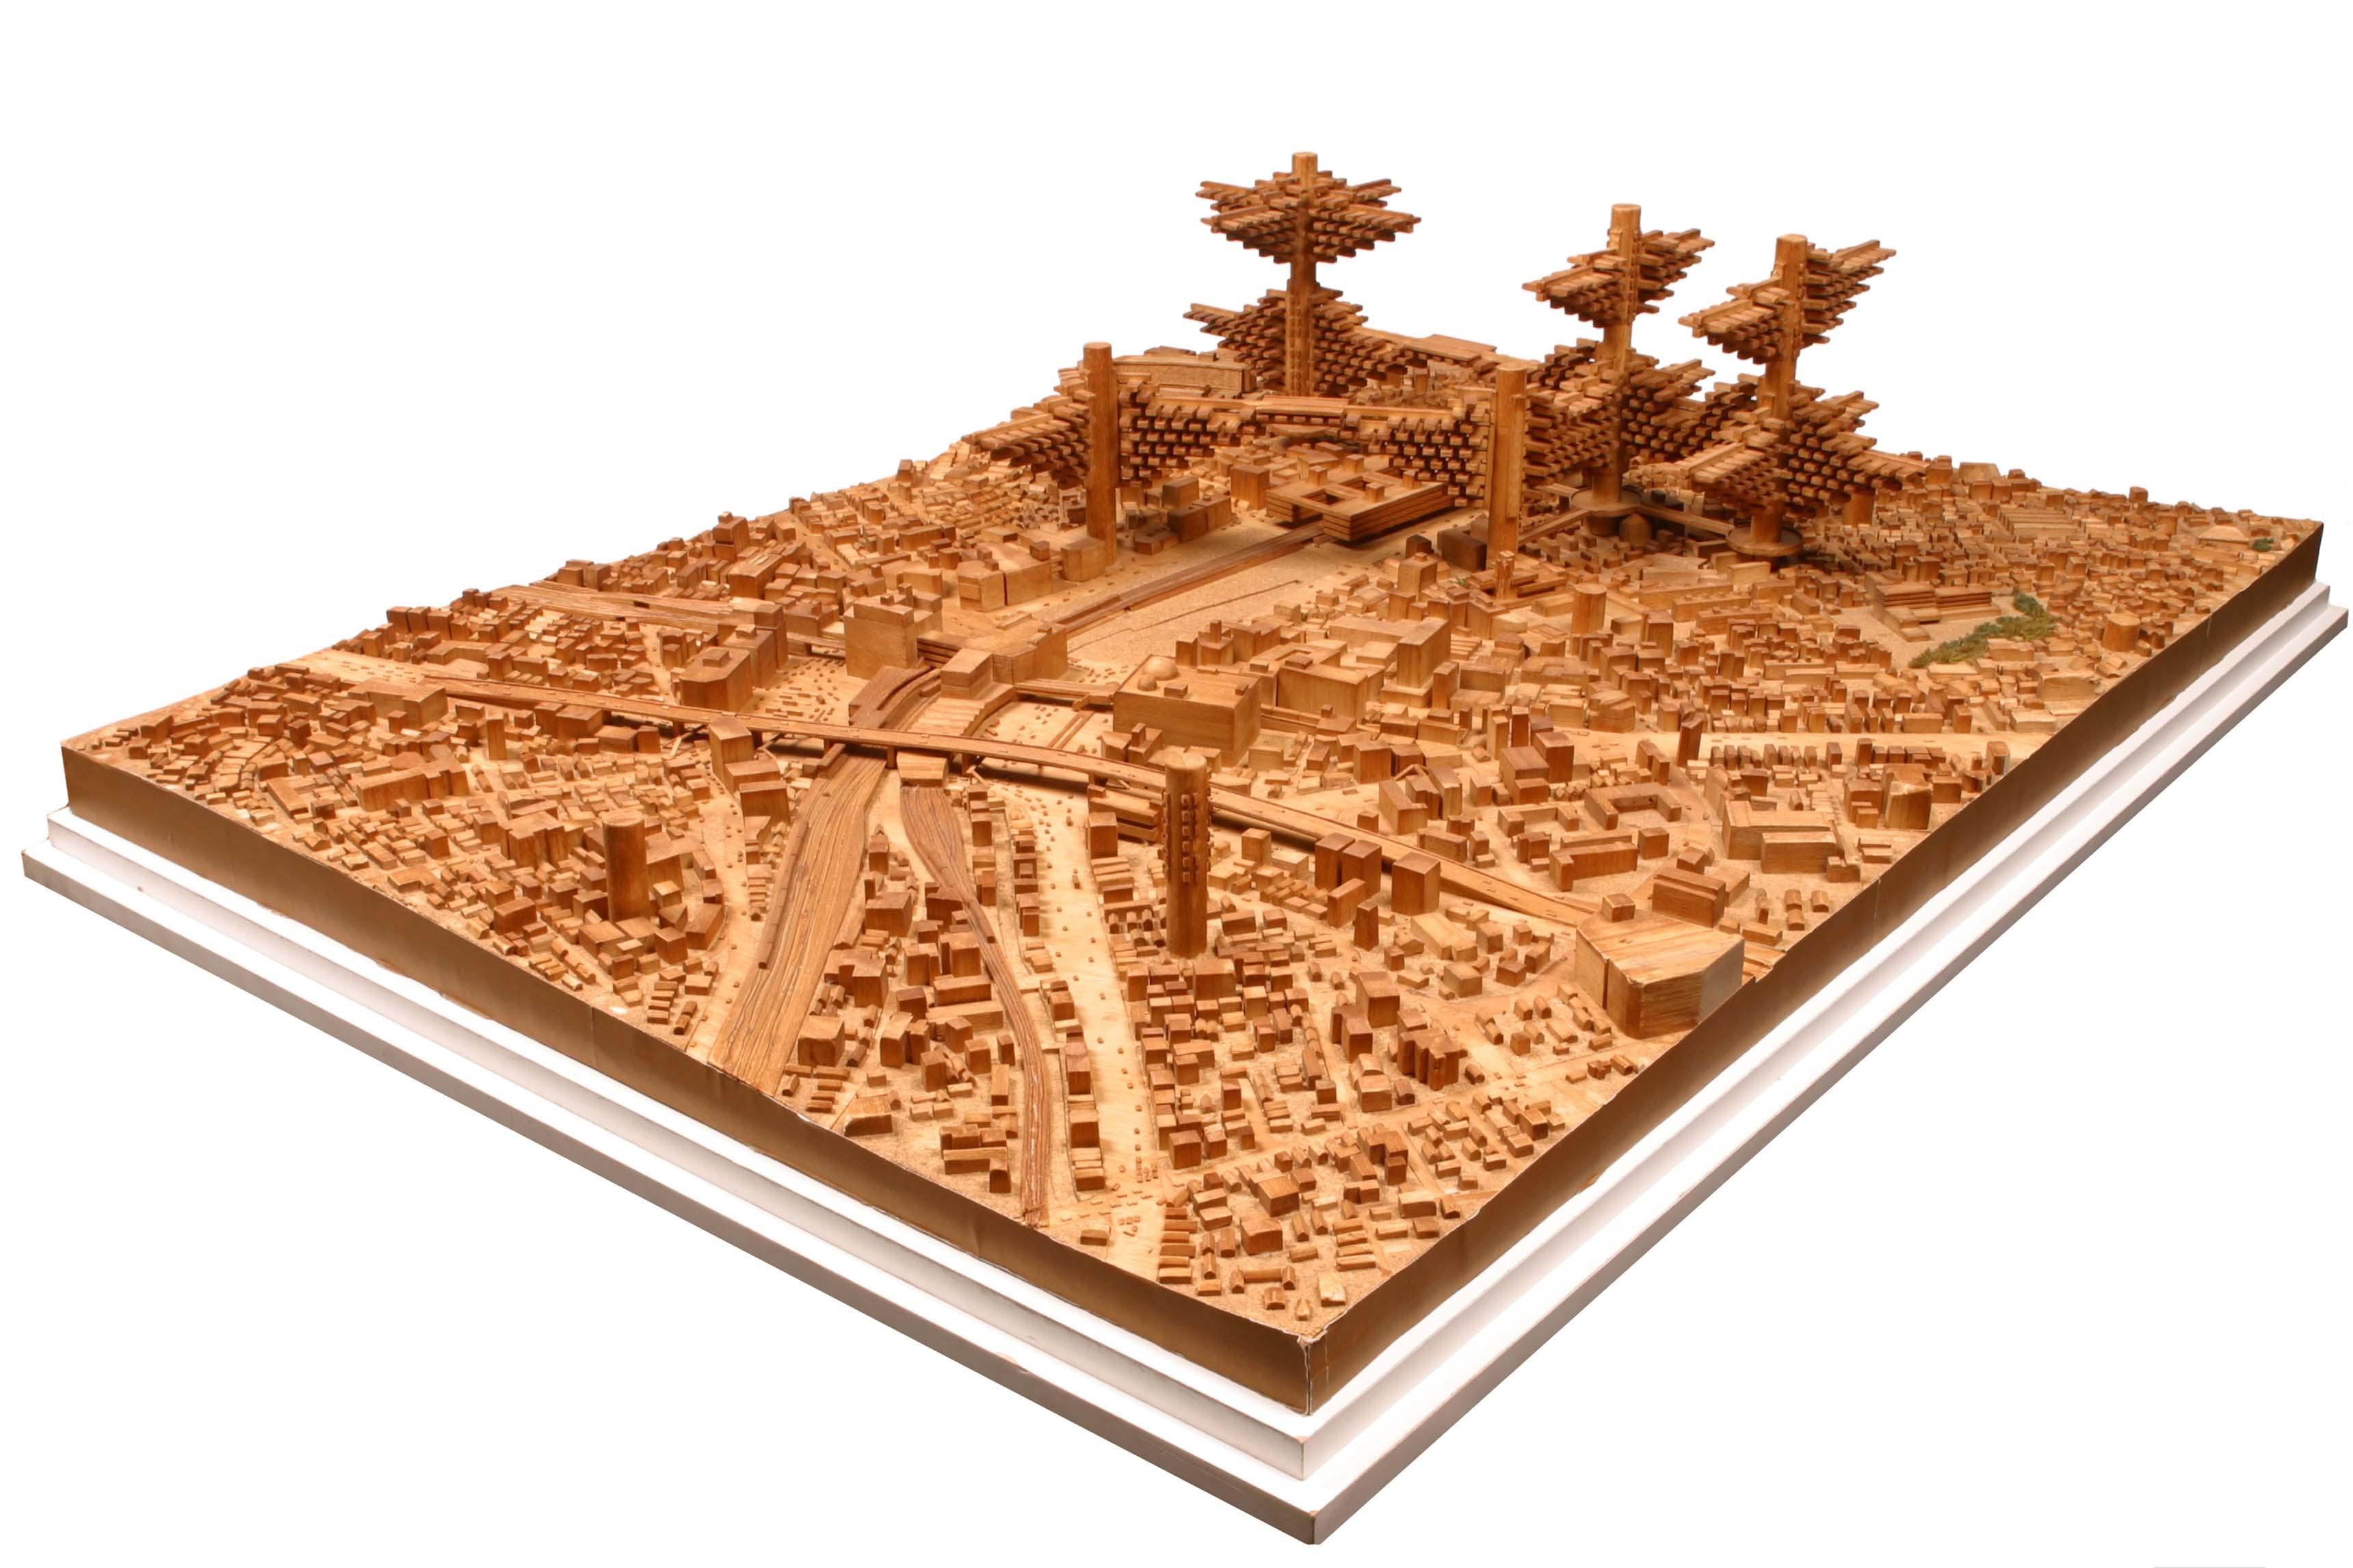 Arata Isozaki, Villes dans les airs, projets non réalisés, Tokyo, 1960 - 1963